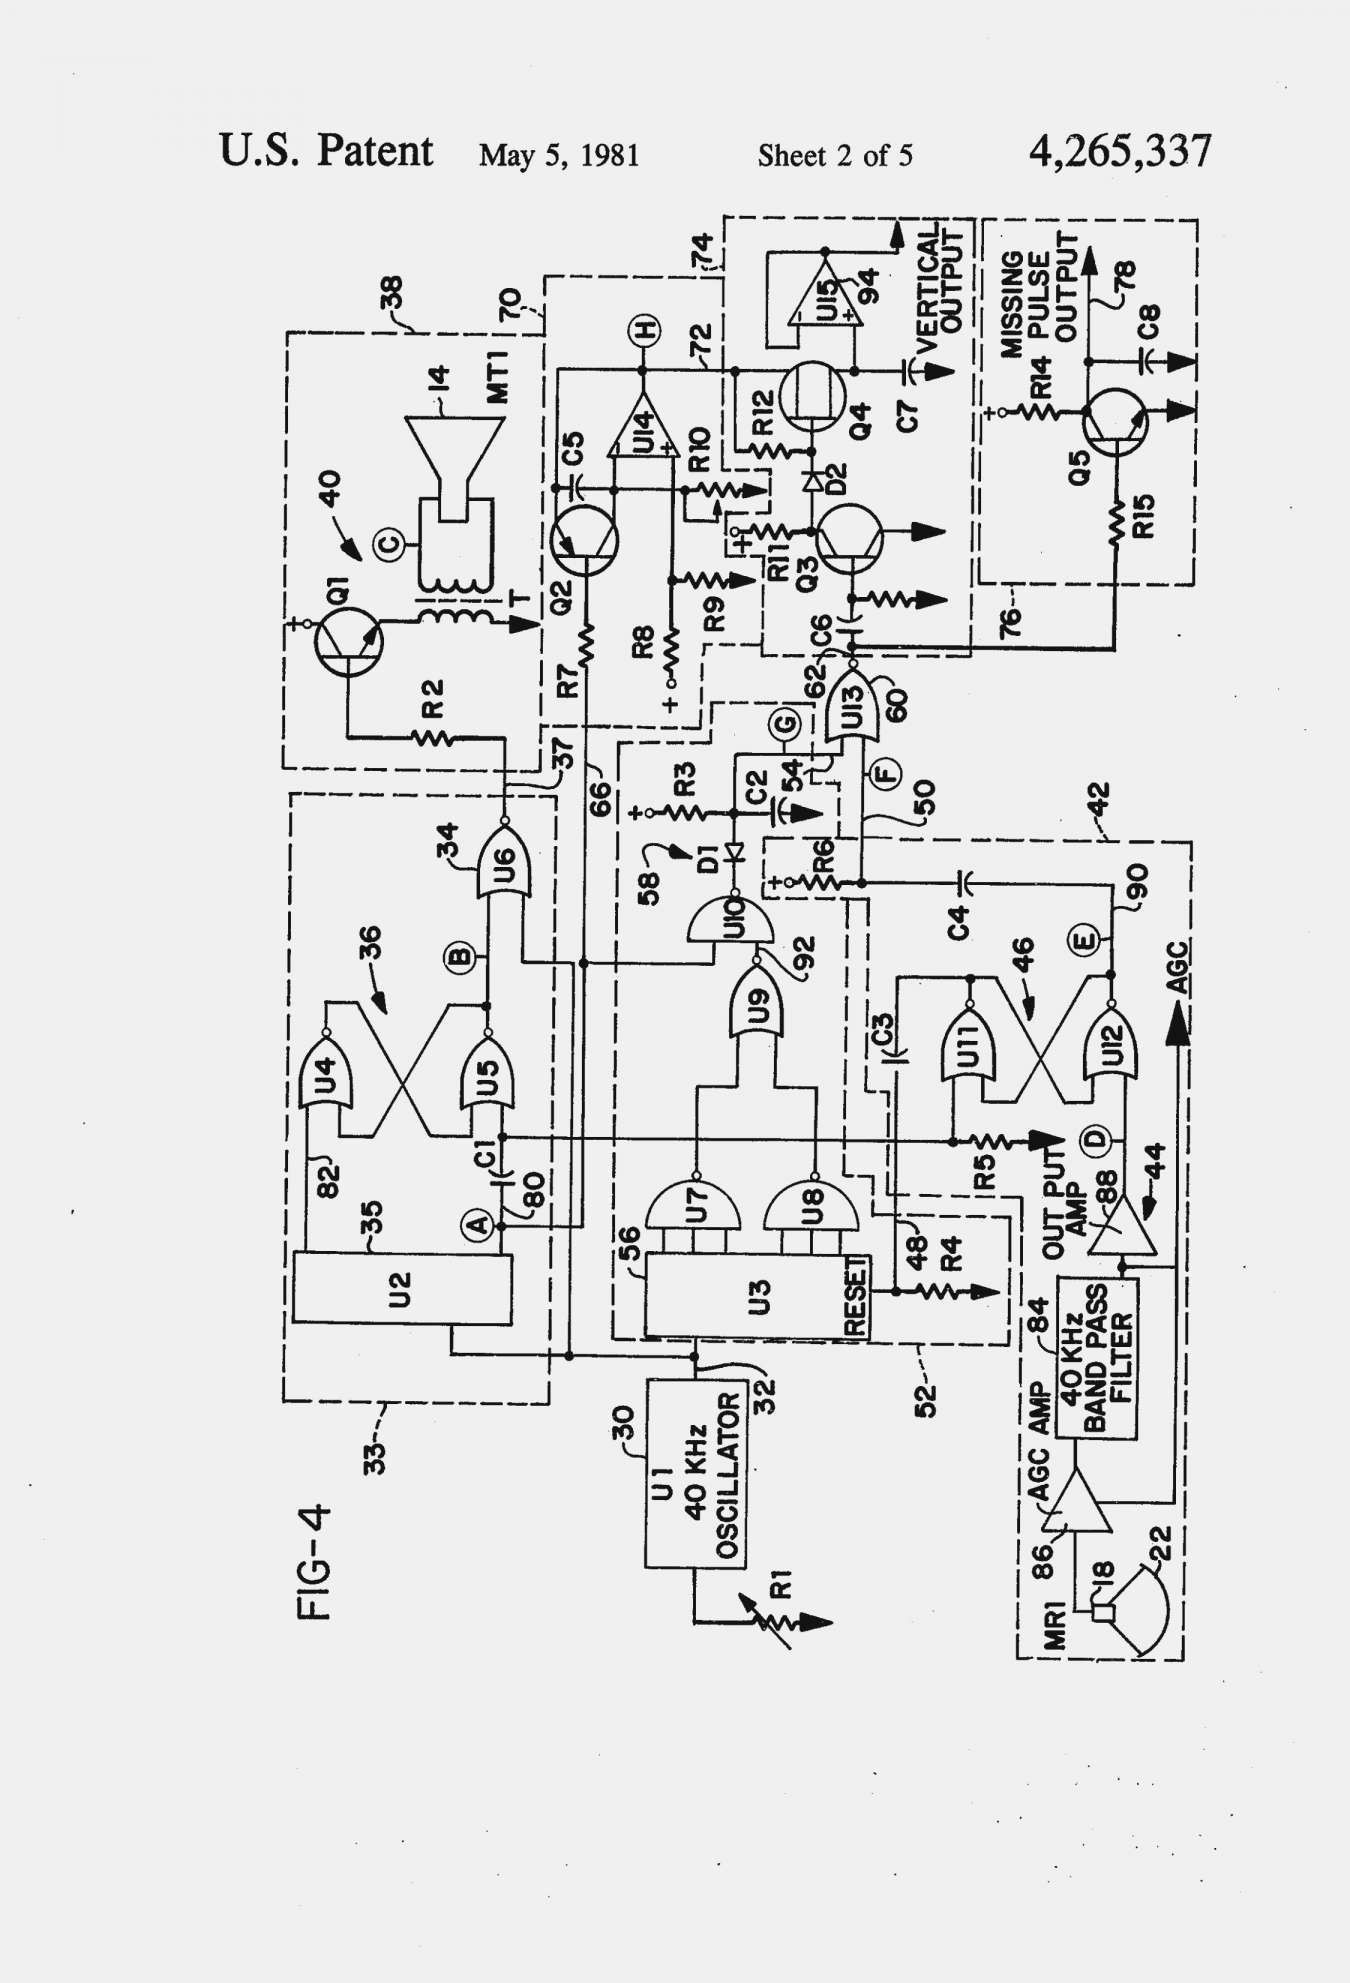 Clark C30l Wiring Diagram 17 Clark Electric forklift Wiring Diagram Wiring Diagram In 2020 Of Clark C30l Wiring Diagram